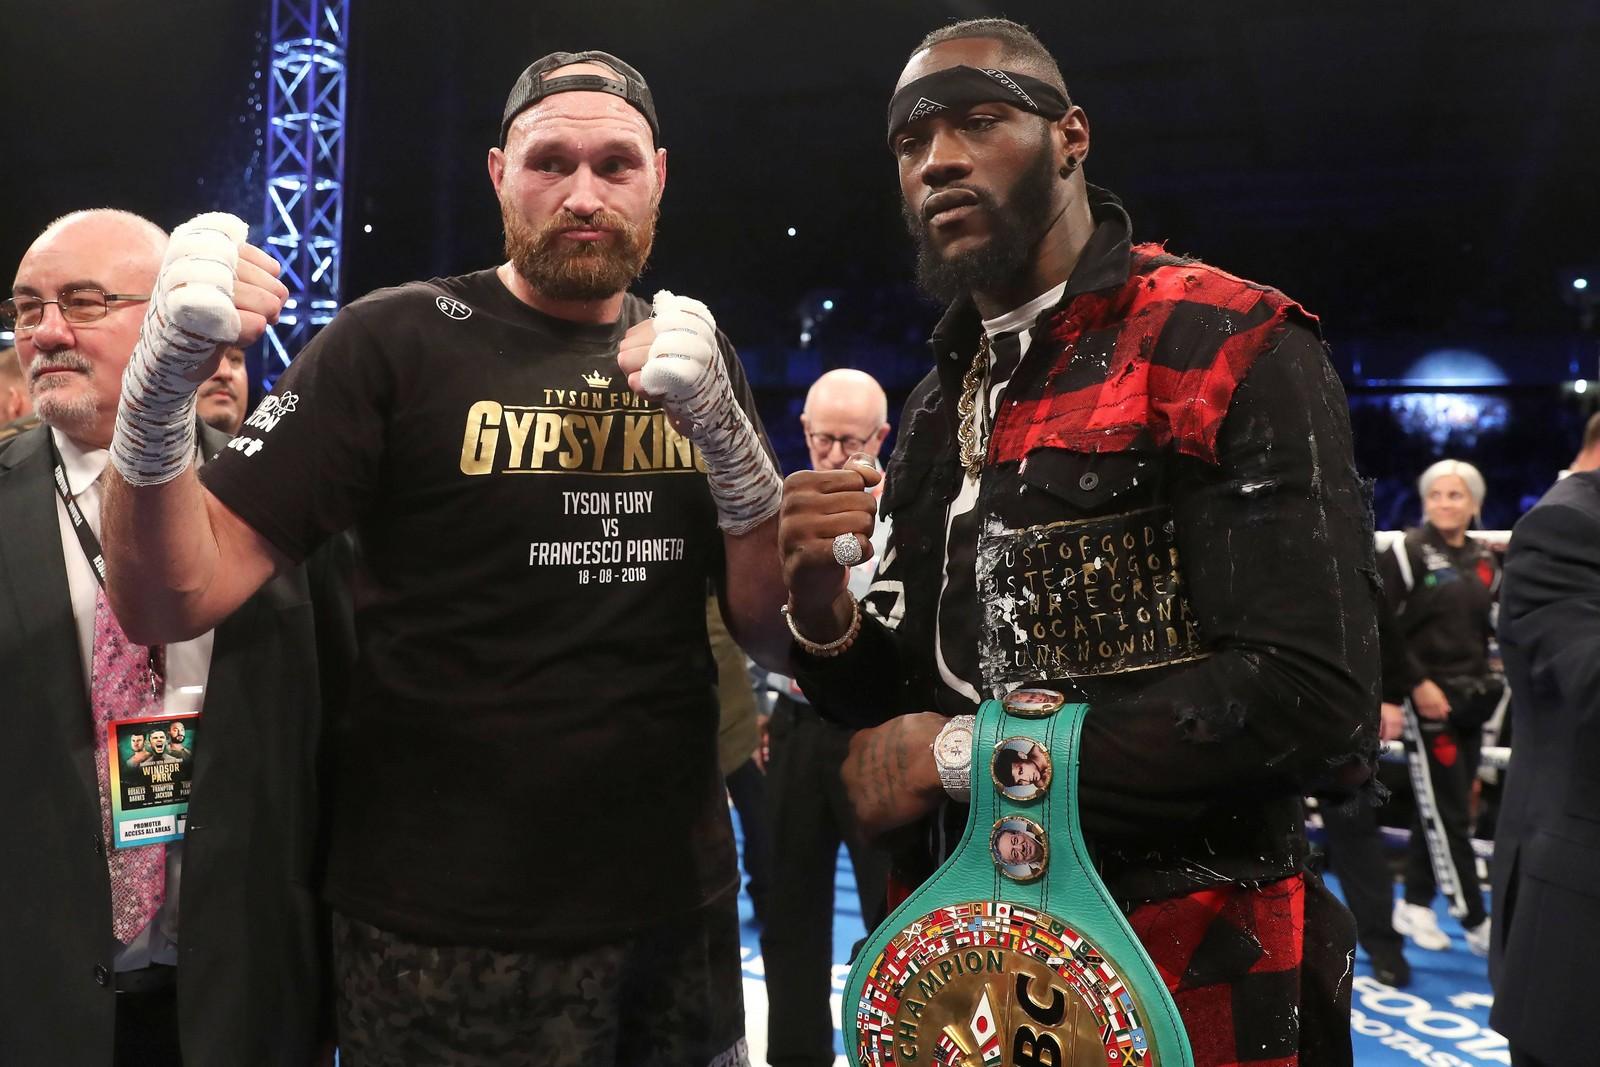 Kann Tyson Fury Deontay Wilder auf die Bretter schicken? Jetzt auf Wilder vs Fury wetten!